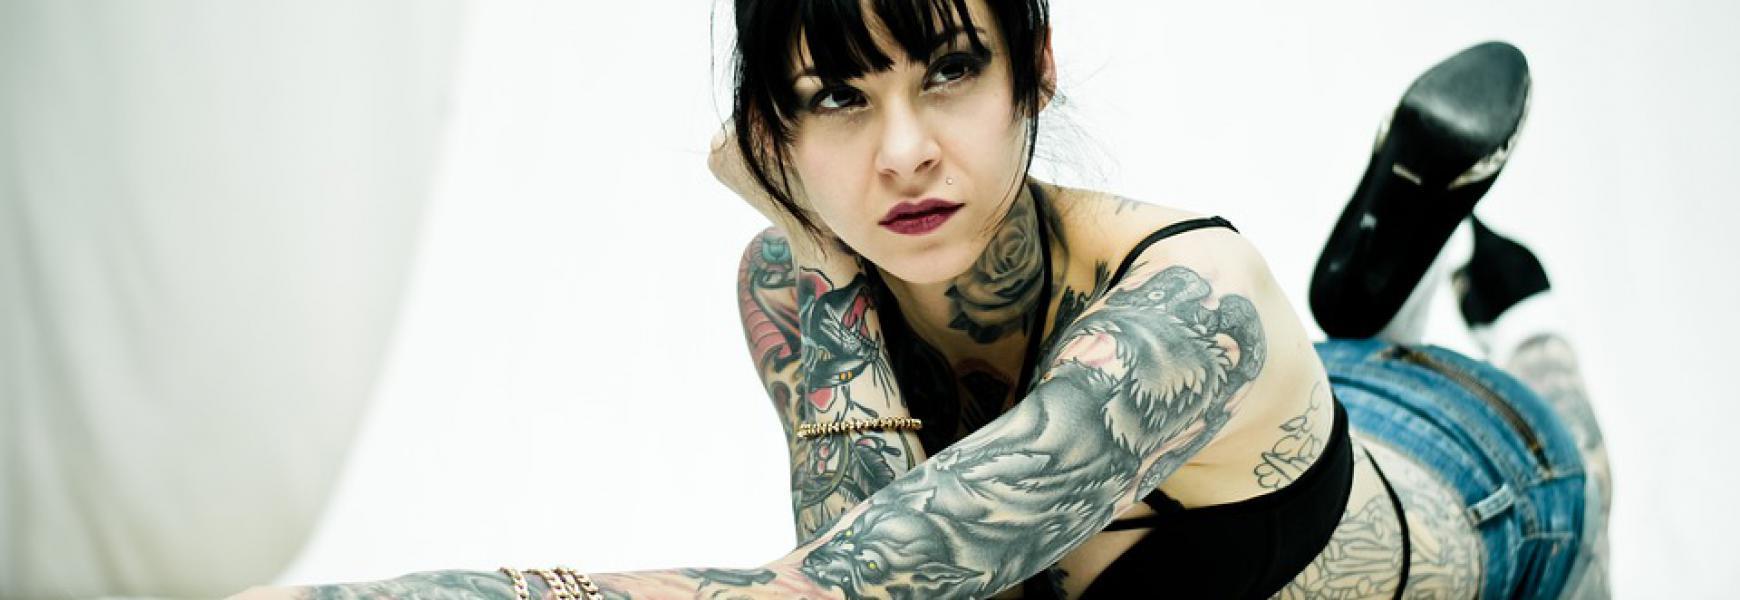 Tatuajes que nunca deberías hacerte